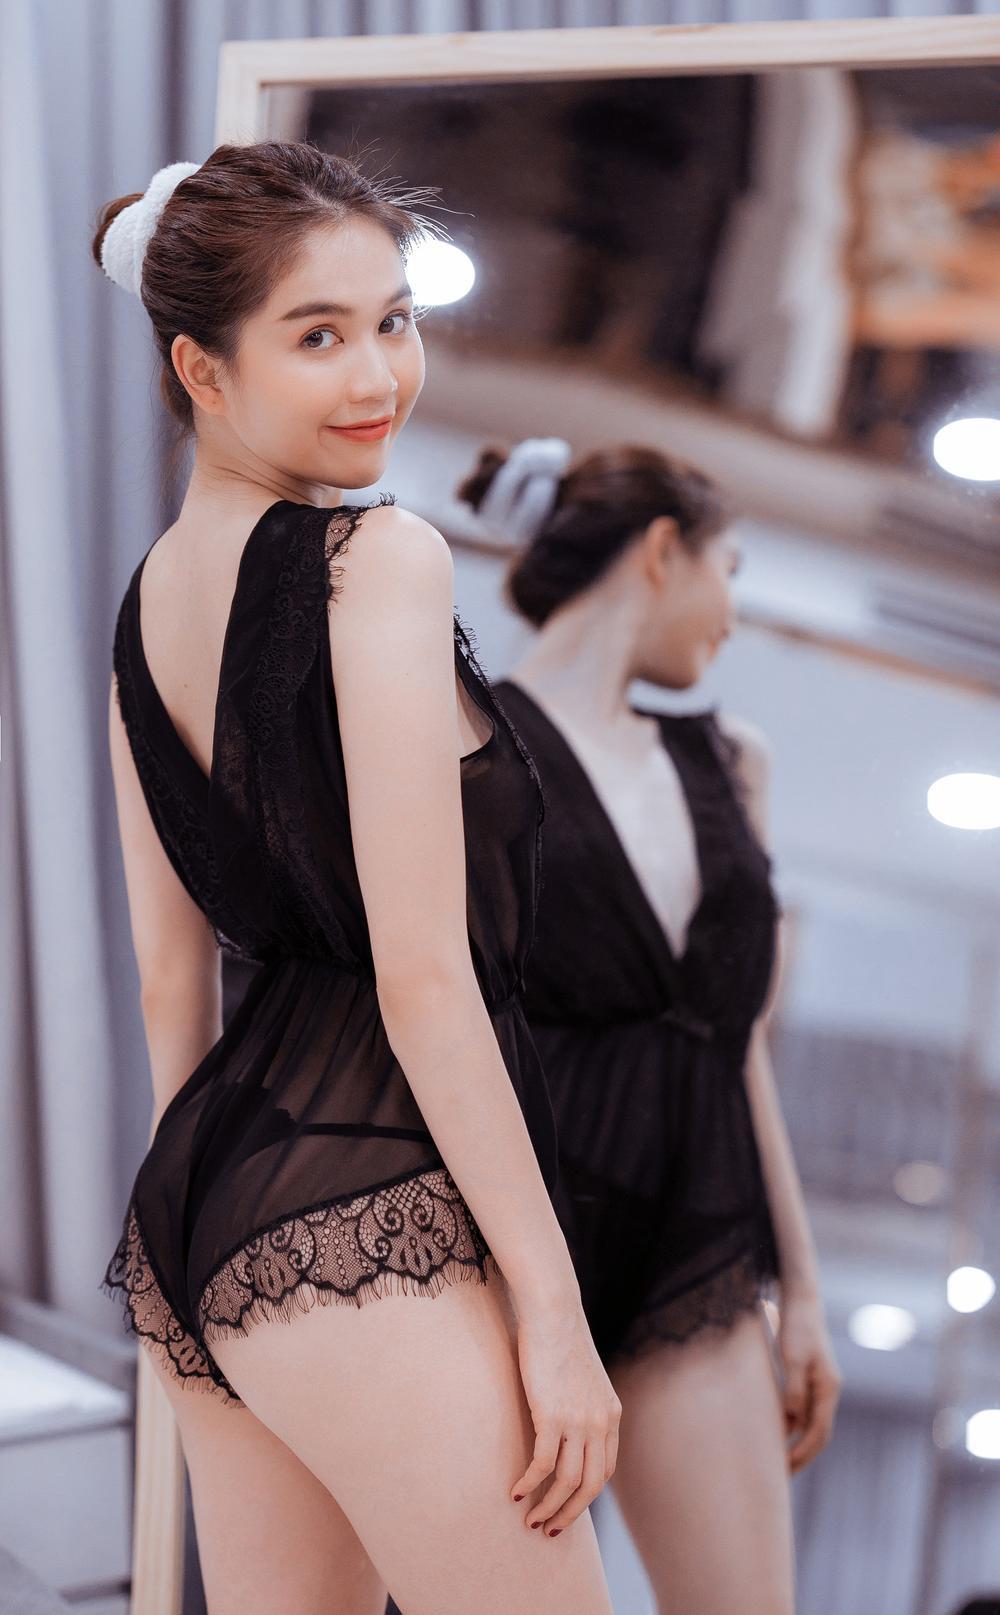 Ngọc Trinh tự tay thiết kế đồ lót, khẳng định thương hiệu 'Nữ hoàng nội y' Ảnh 20